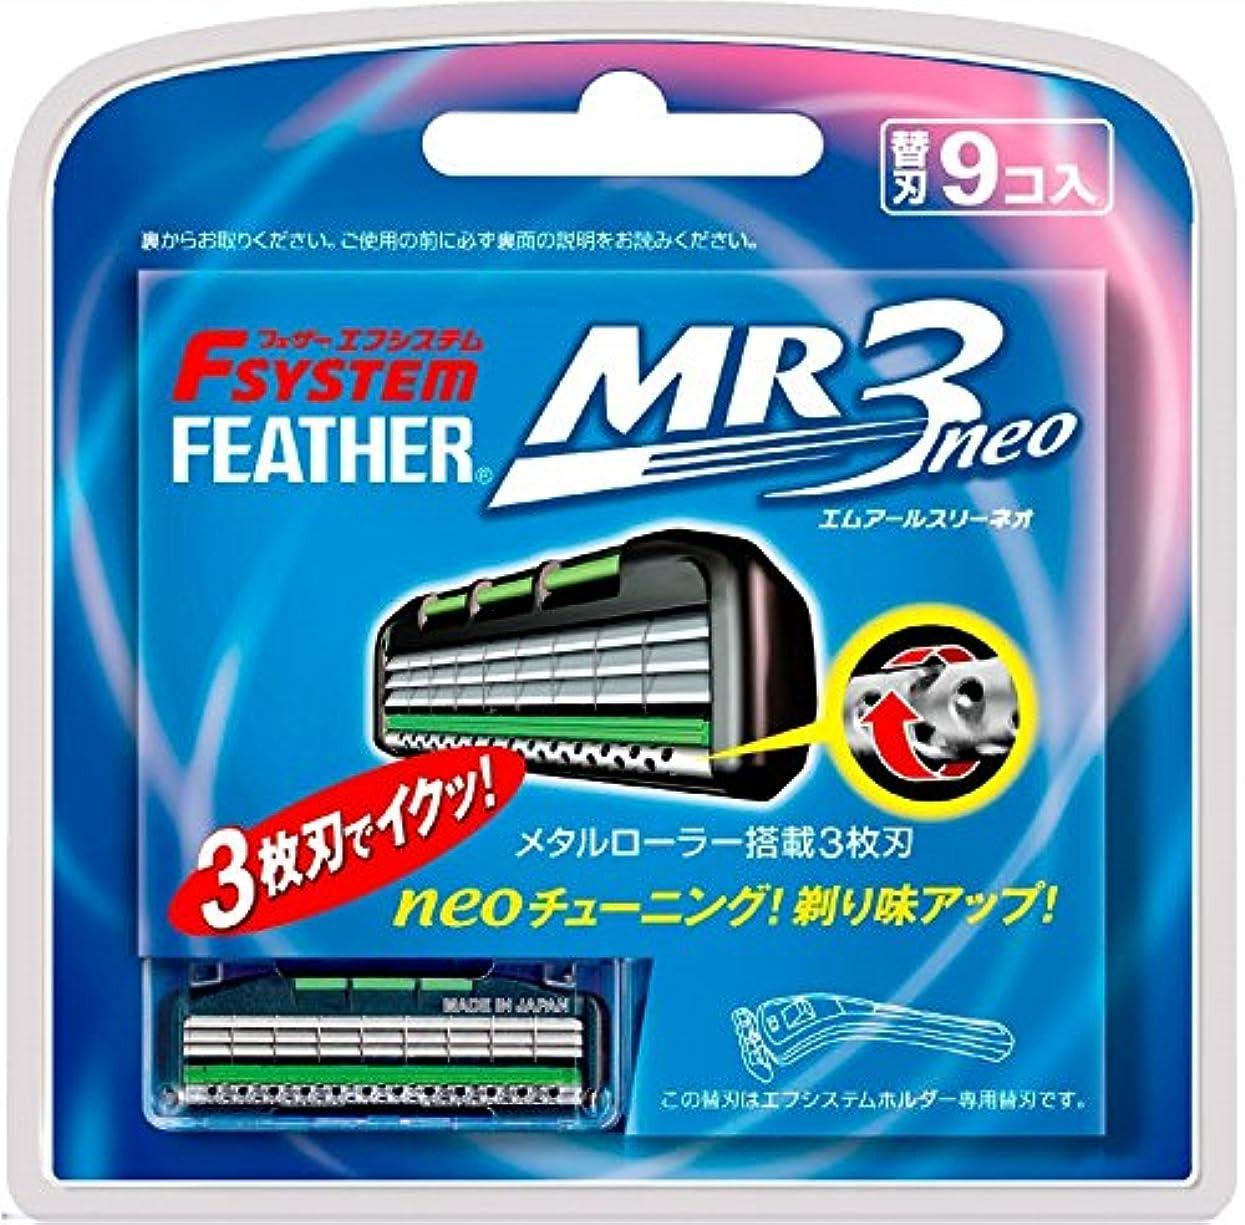 シニス啓示例フェザー エフシステム MR3ネオ 替刃 9個